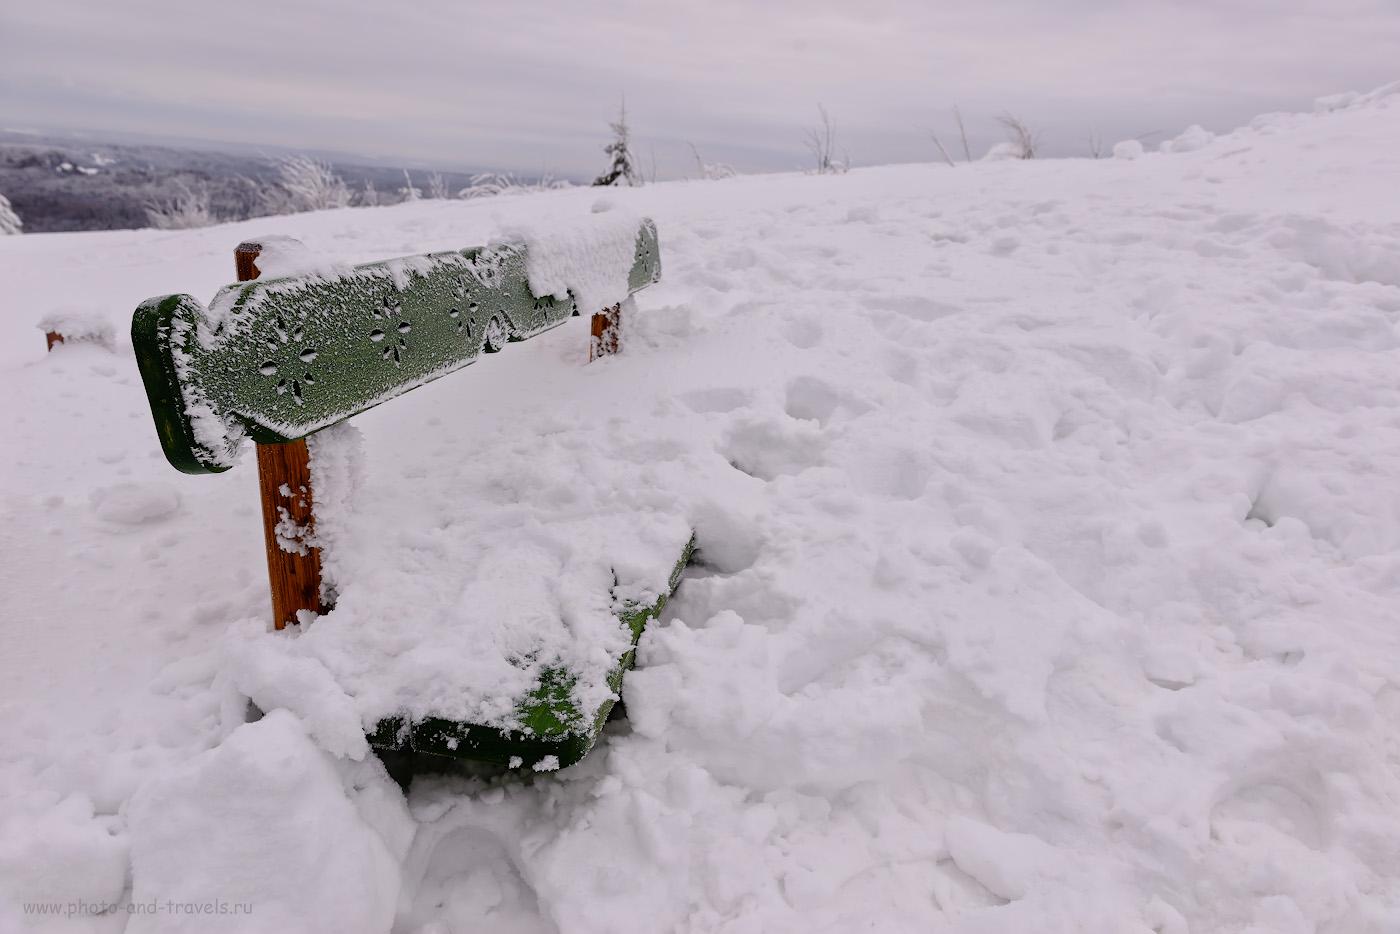 Фото 10. Холодно на Белой горе. Поездка в Белогорский монастырь. 1/250, -0.67, 2.8, 500, 24.